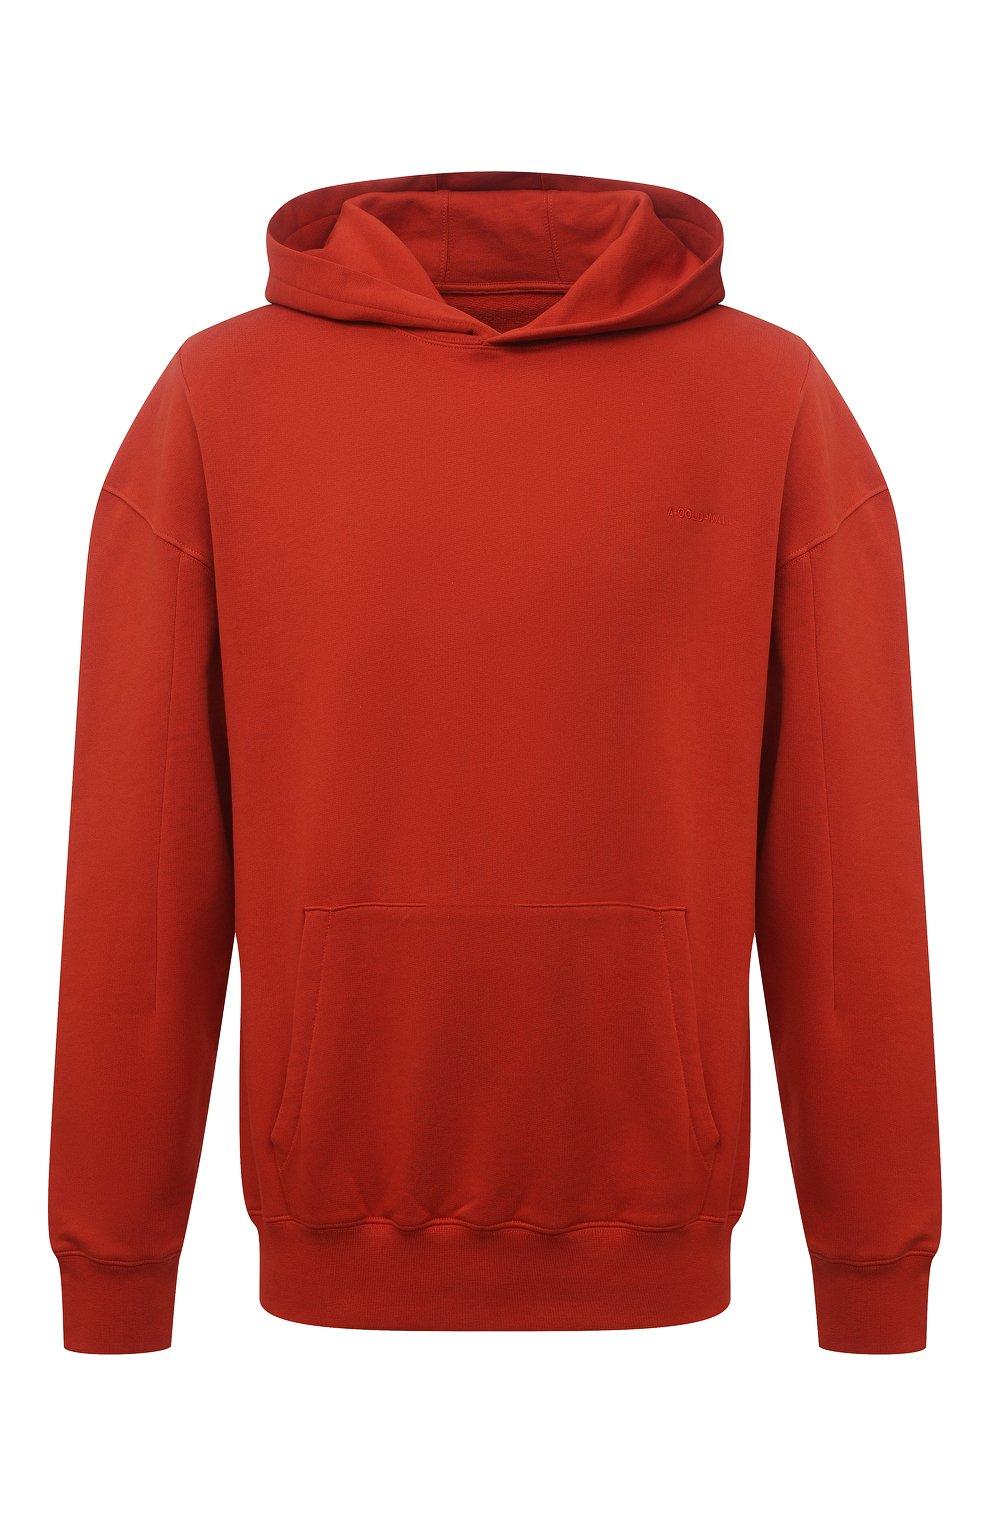 Мужской хлопковое худи A-COLD-WALL* красного цвета, арт. ACWMW033 | Фото 1 (Рукава: Длинные; Принт: Без принта; Длина (для топов): Стандартные; Мужское Кросс-КТ: Худи-одежда; Материал внешний: Хлопок; Стили: Минимализм)